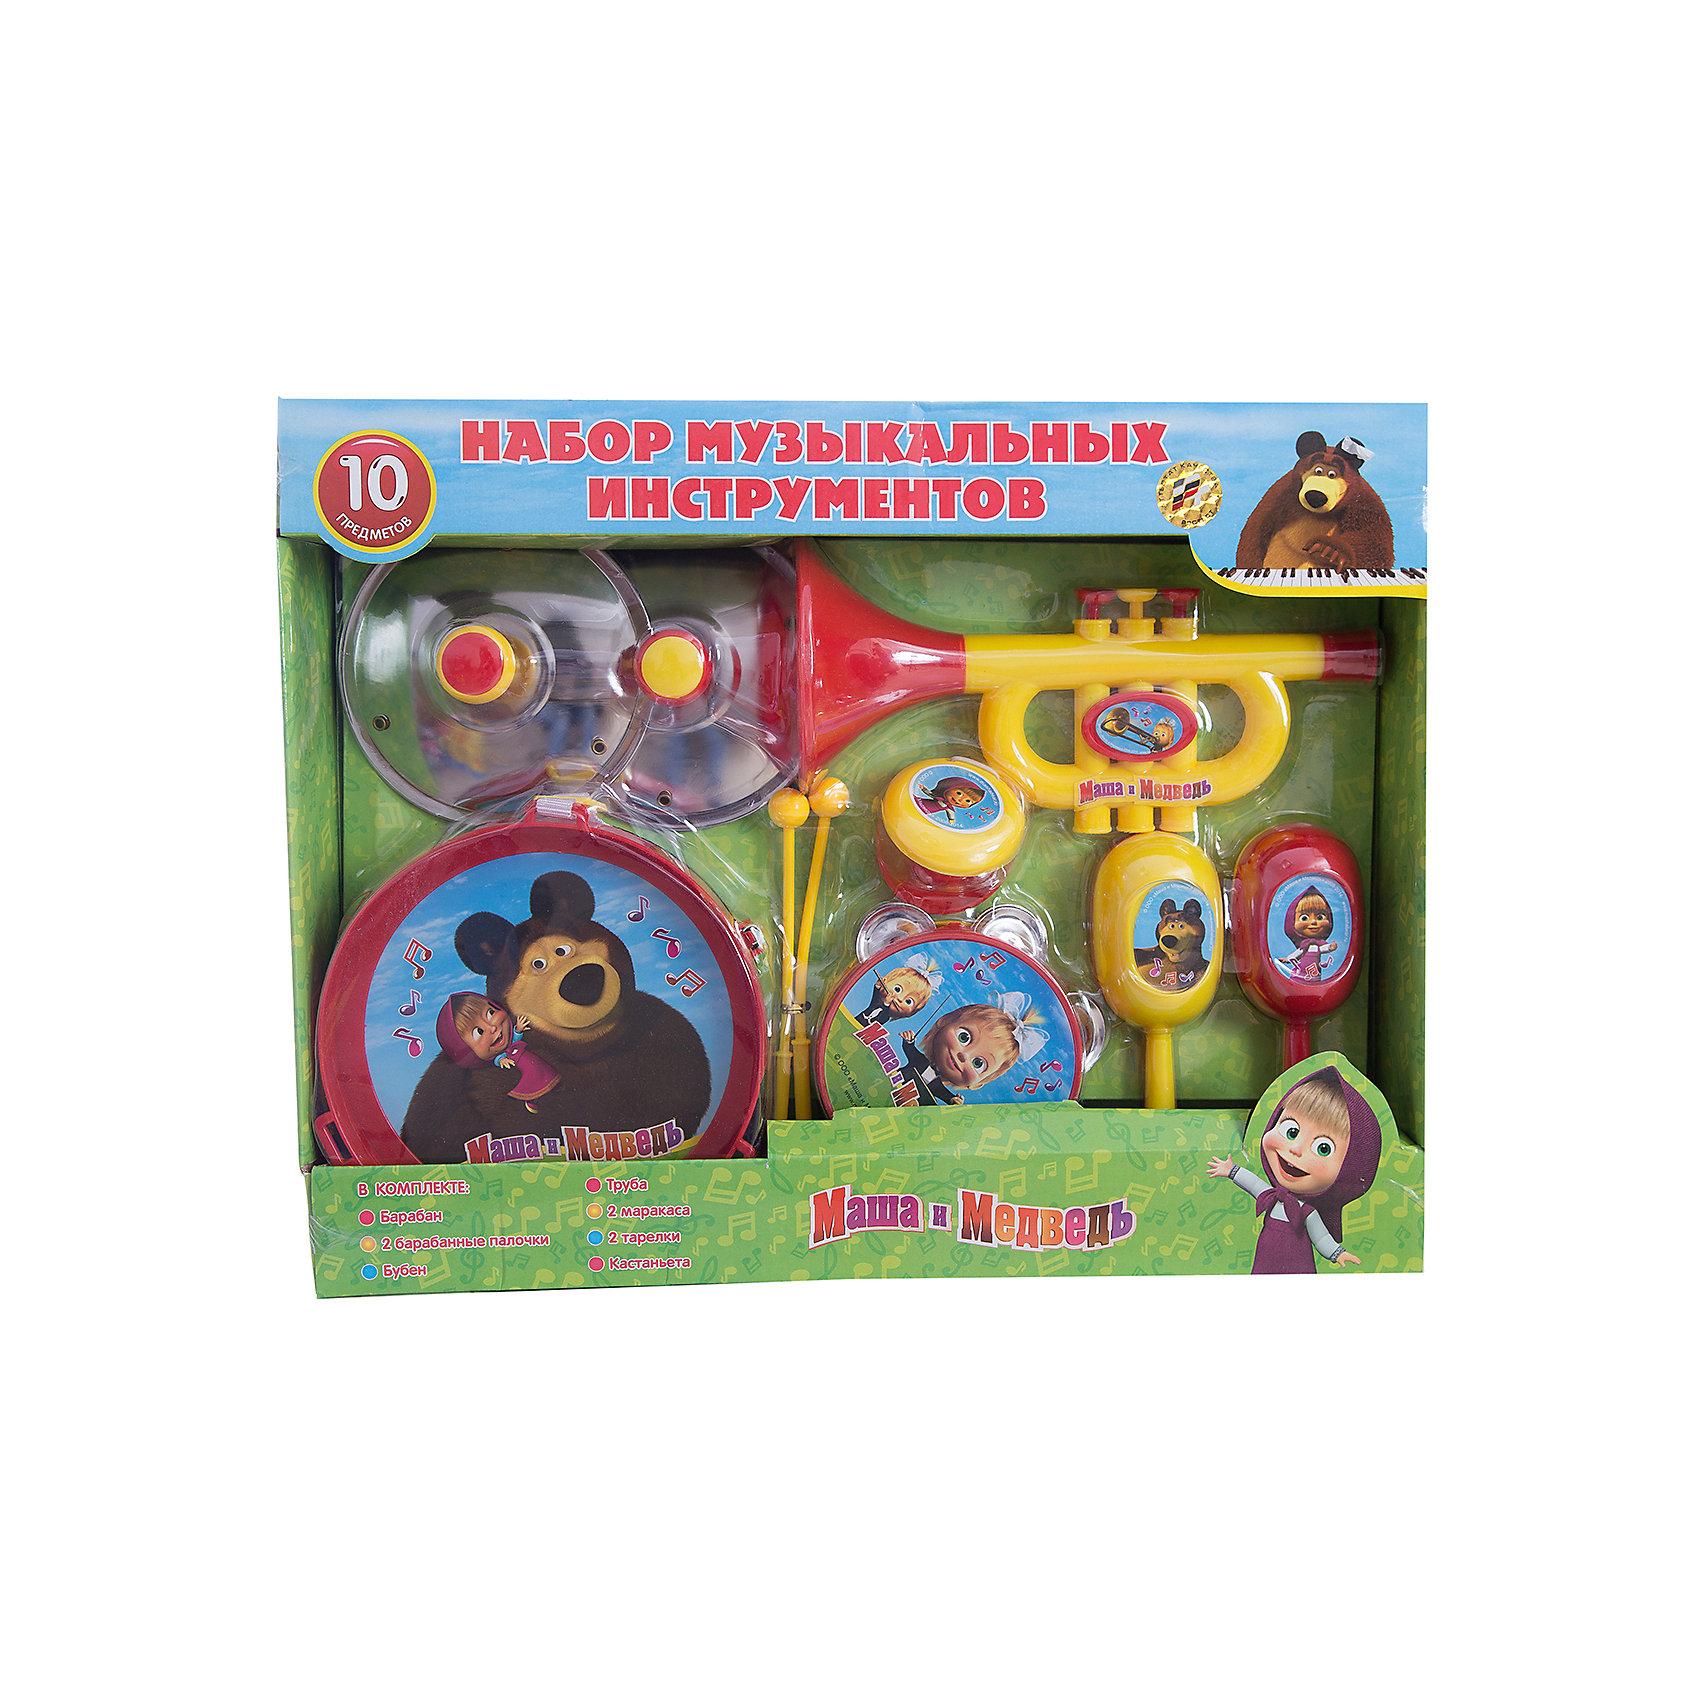 Набор музыкальных инструментов, 10 предметов, Маша и МедведьНабор музыкальных инструментов, 10 предметов, Маша и Медведь<br><br>Характеристики:<br><br>• изготовлены из прочного пластика<br>• яркий дизайн с любимыми героями мультфильма Маша и Медведь<br>• в комплекте: бубен, труба, барабан, 2 барабанные палочки, 2 тарелки, 2 маракаса, кастаньеты<br>• материал: пластик<br>• размер упаковки: 44х35х13 см<br>• вес: 815 грамм<br>• диаметр барабана: 17 см<br>• диаметр бубна: 10,5 см<br><br>В наборе Маша и Медведь каждый ребенок сможет найти свой любимый музыкальный инструмент. В набор входят маракасы, бубен, труба, барабан, тарелки и даже кастаньеты. Можно учиться играть самому или организовать с друзьями настоящий оркестр. С этим набором ребенок сможет создать отличное музыкальное сопровождение семейного вечера!<br><br>Набор музыкальных инструментов, 10 предметов, Маша и Медведь вы можете купить в нашем интернет-магазине.<br><br>Ширина мм: 340<br>Глубина мм: 440<br>Высота мм: 110<br>Вес г: 2267<br>Возраст от месяцев: 36<br>Возраст до месяцев: 144<br>Пол: Унисекс<br>Возраст: Детский<br>SKU: 3384111